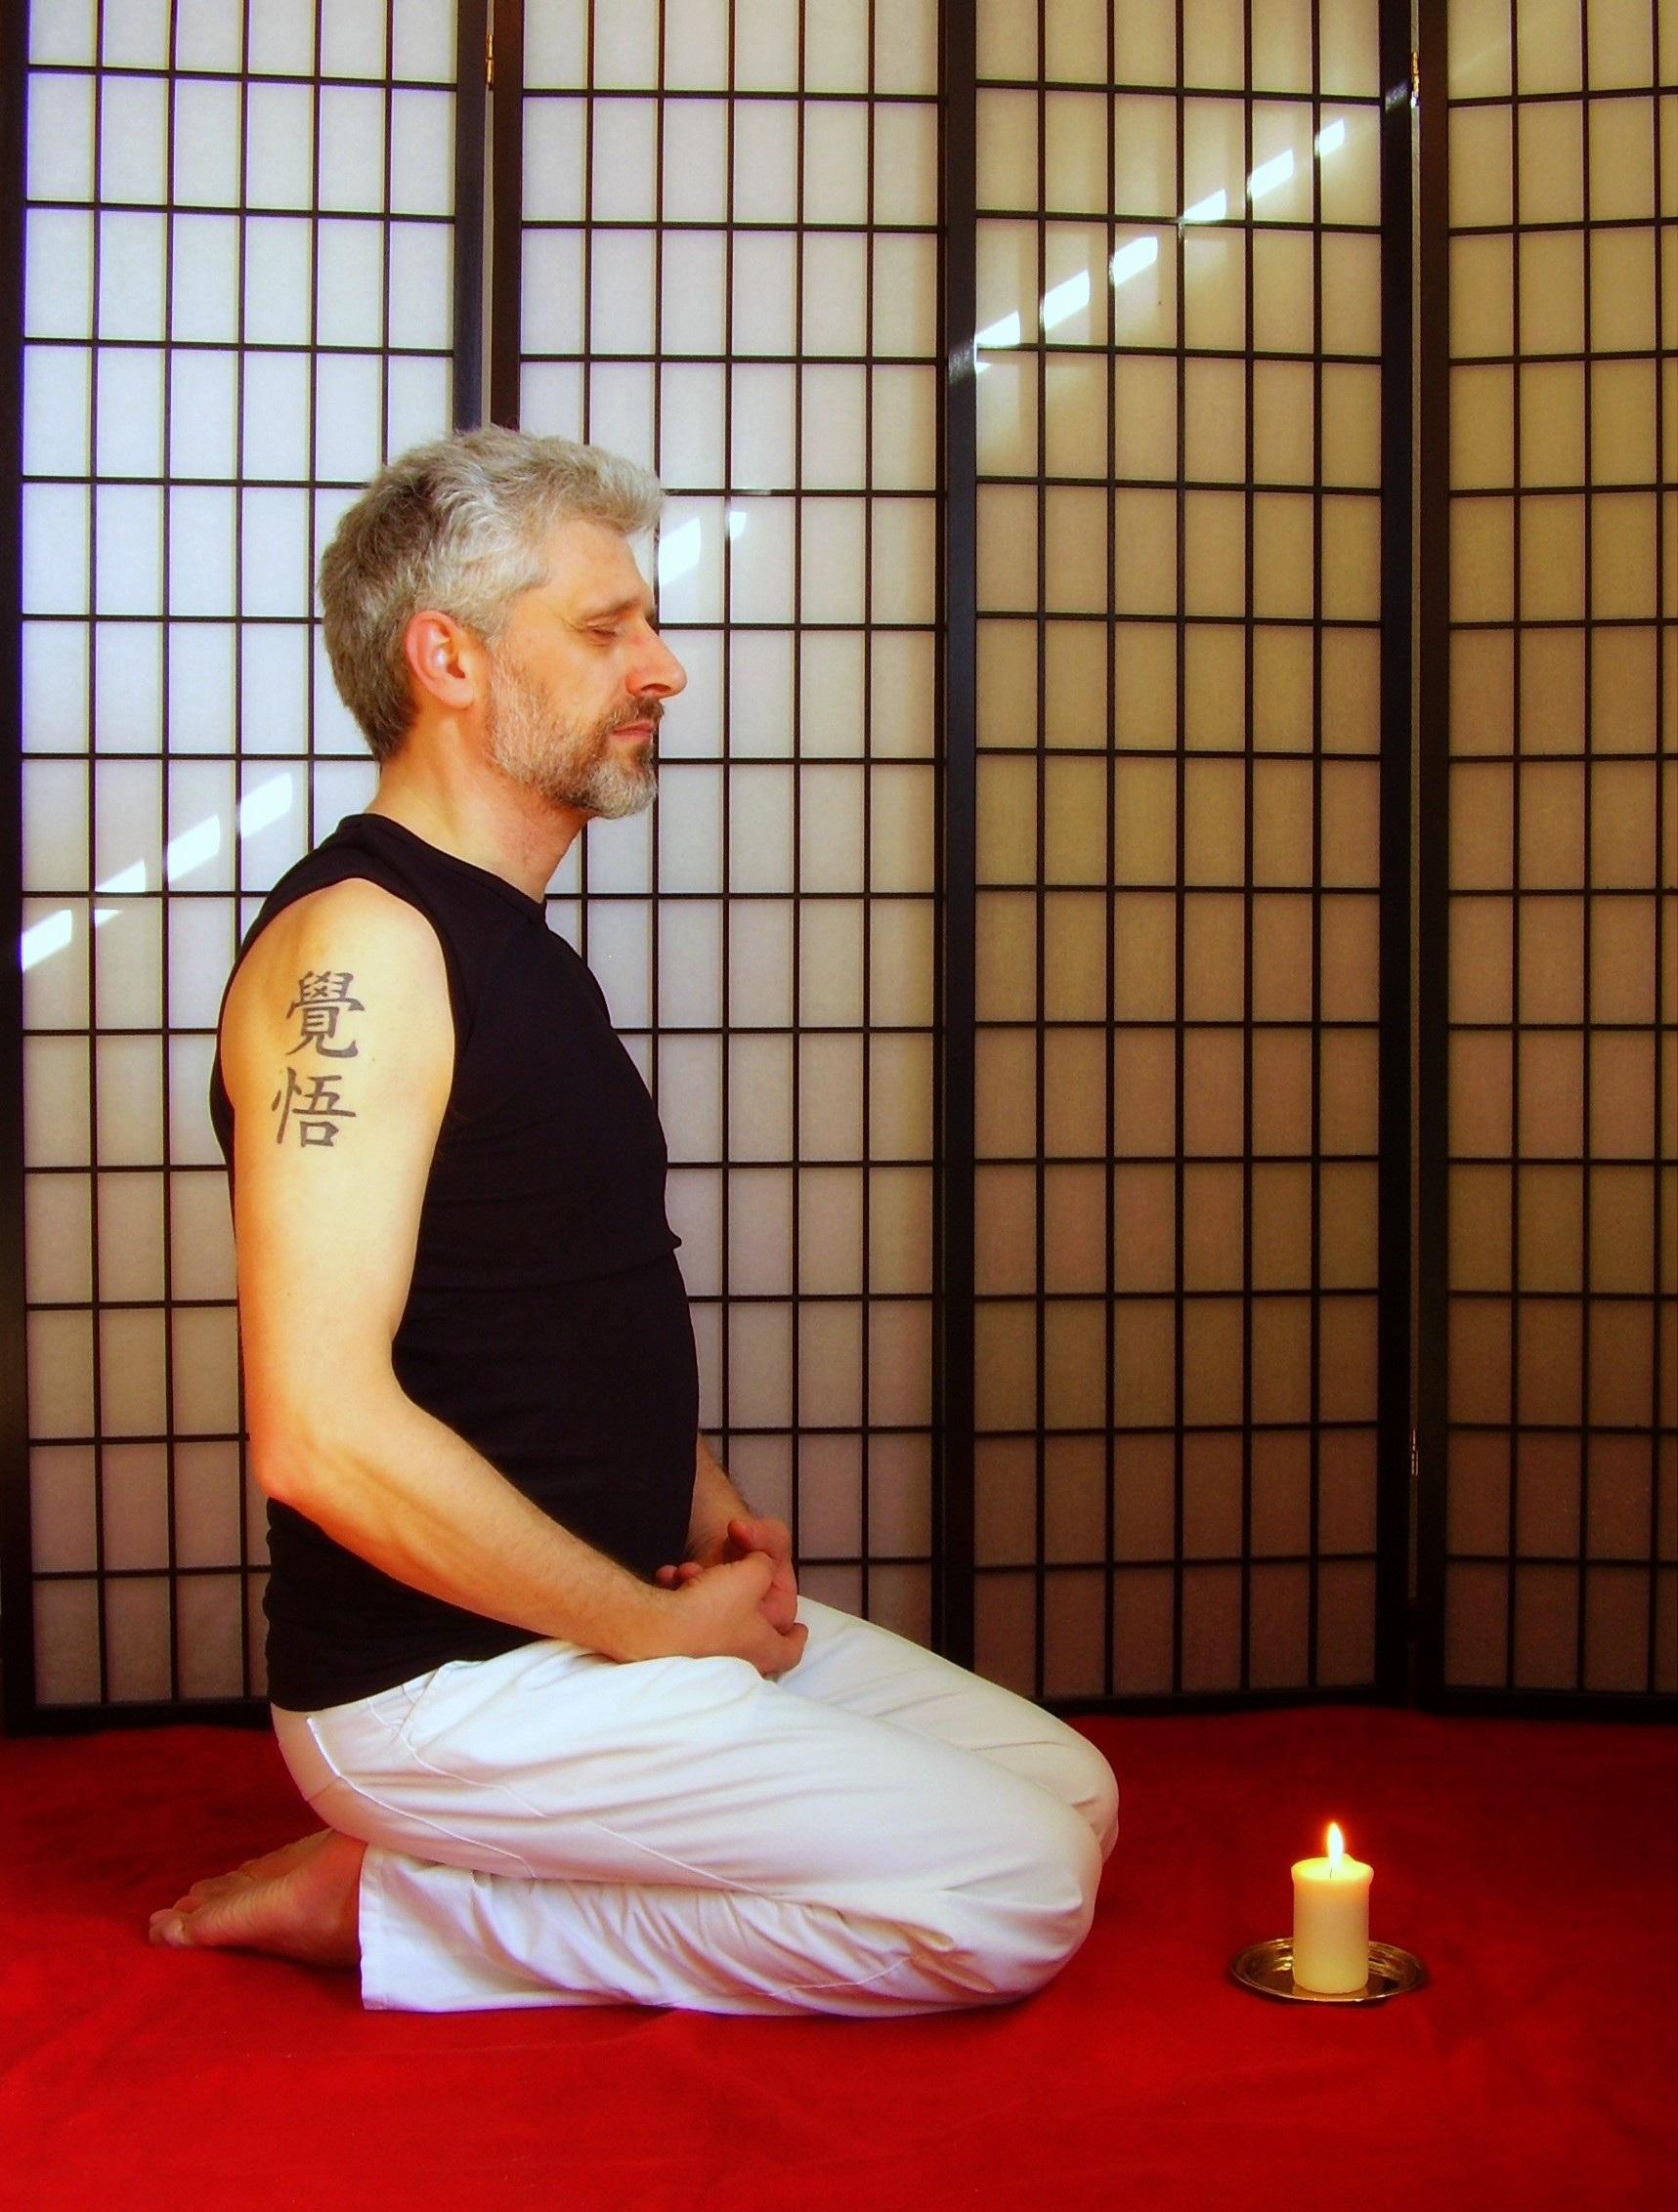 Images Gratuites La Personne Tatouage Seance Mediter